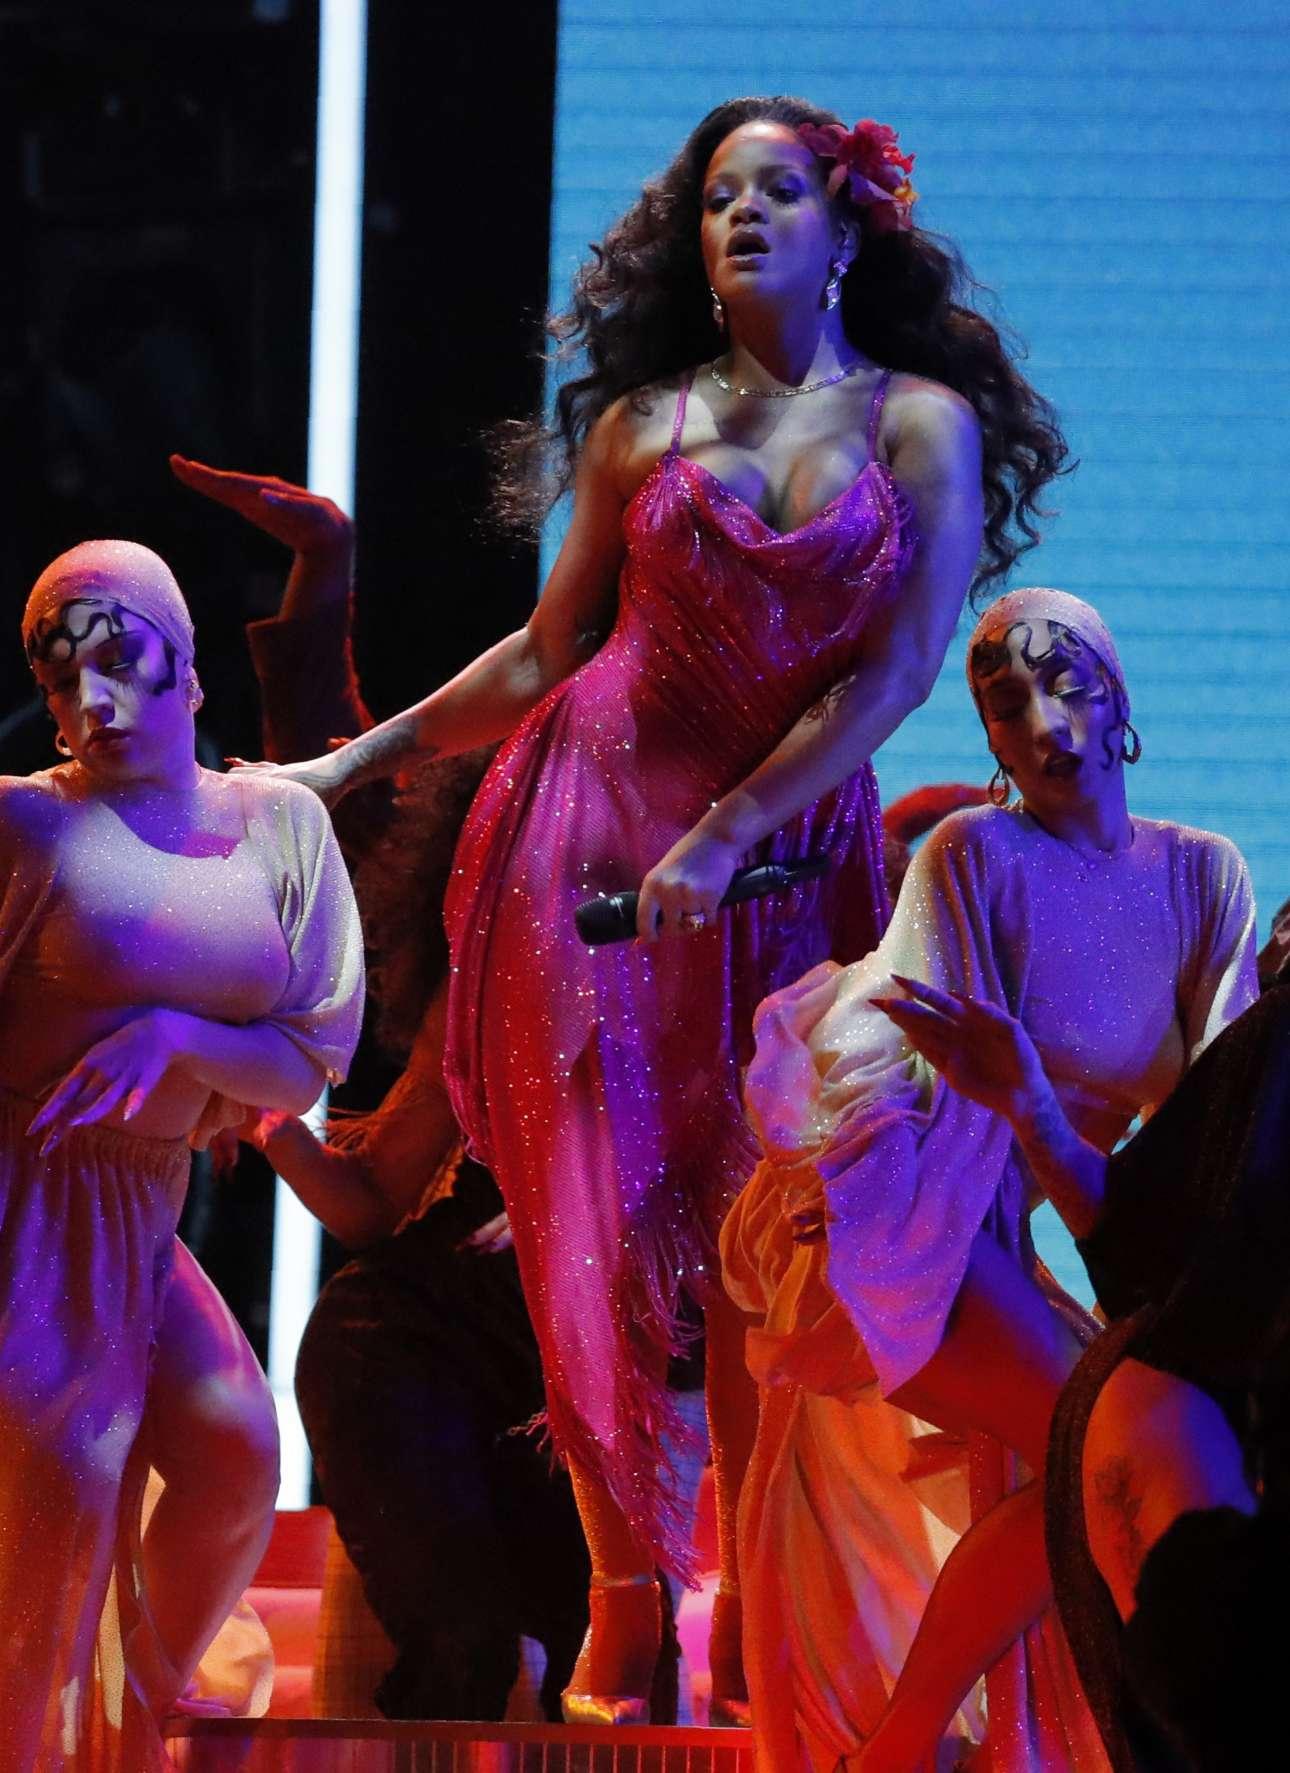 Η Ριάνα μοιράστηκε το βραβείο για την καλύτερη εμφάνιση στην κατηγορία Best rap/sung με τον Κέντρικ Λαμάρ